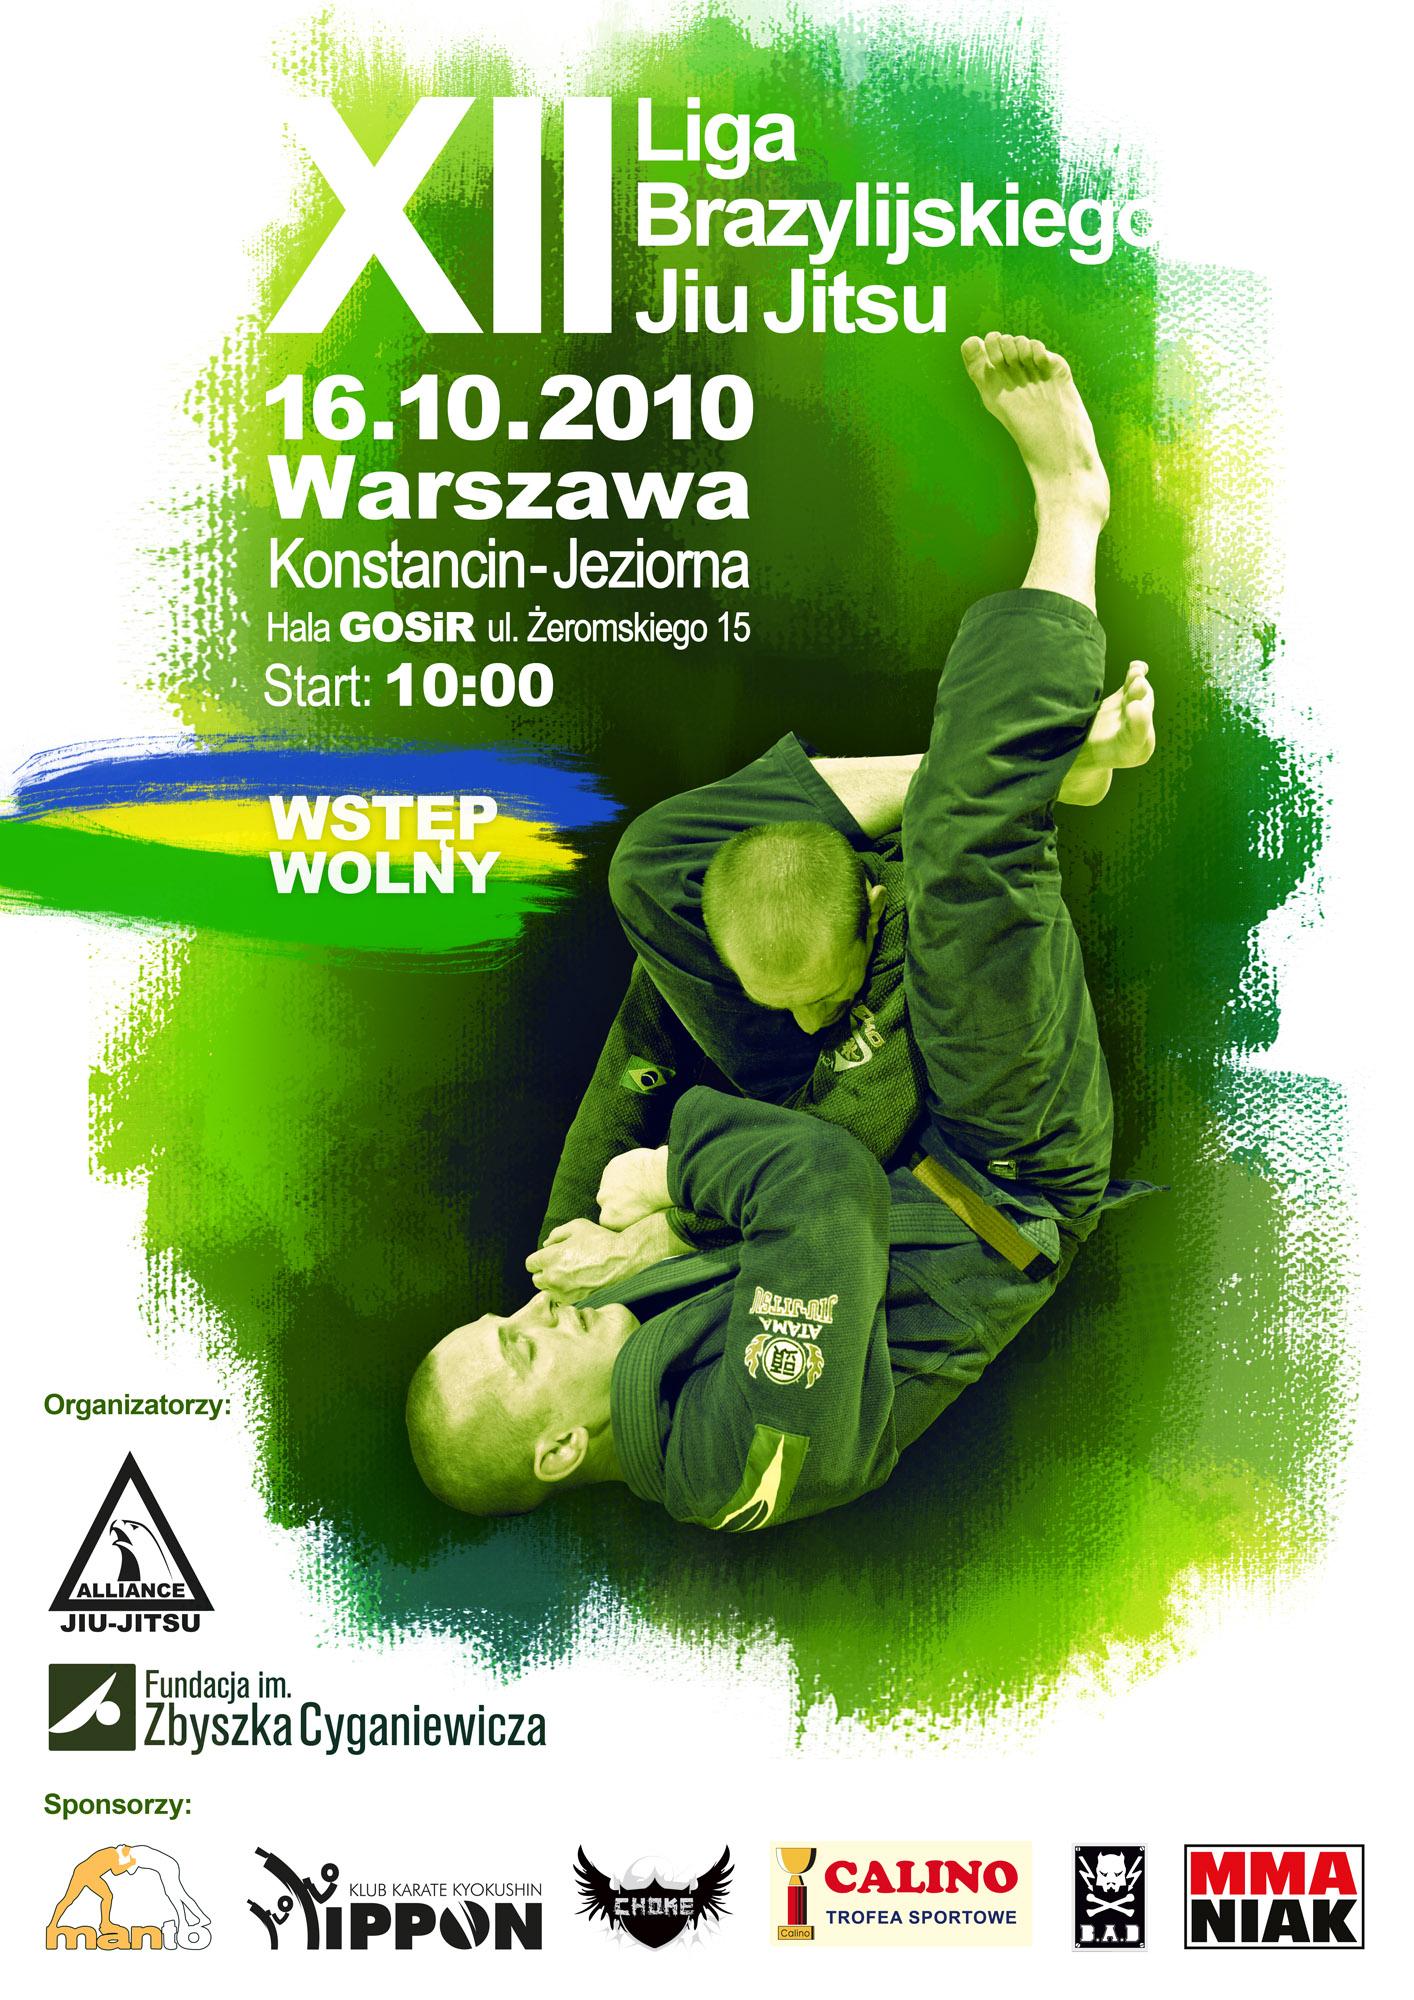 Brazilian Jiu Jitsu Posters in Brazilian Jiu Jitsu